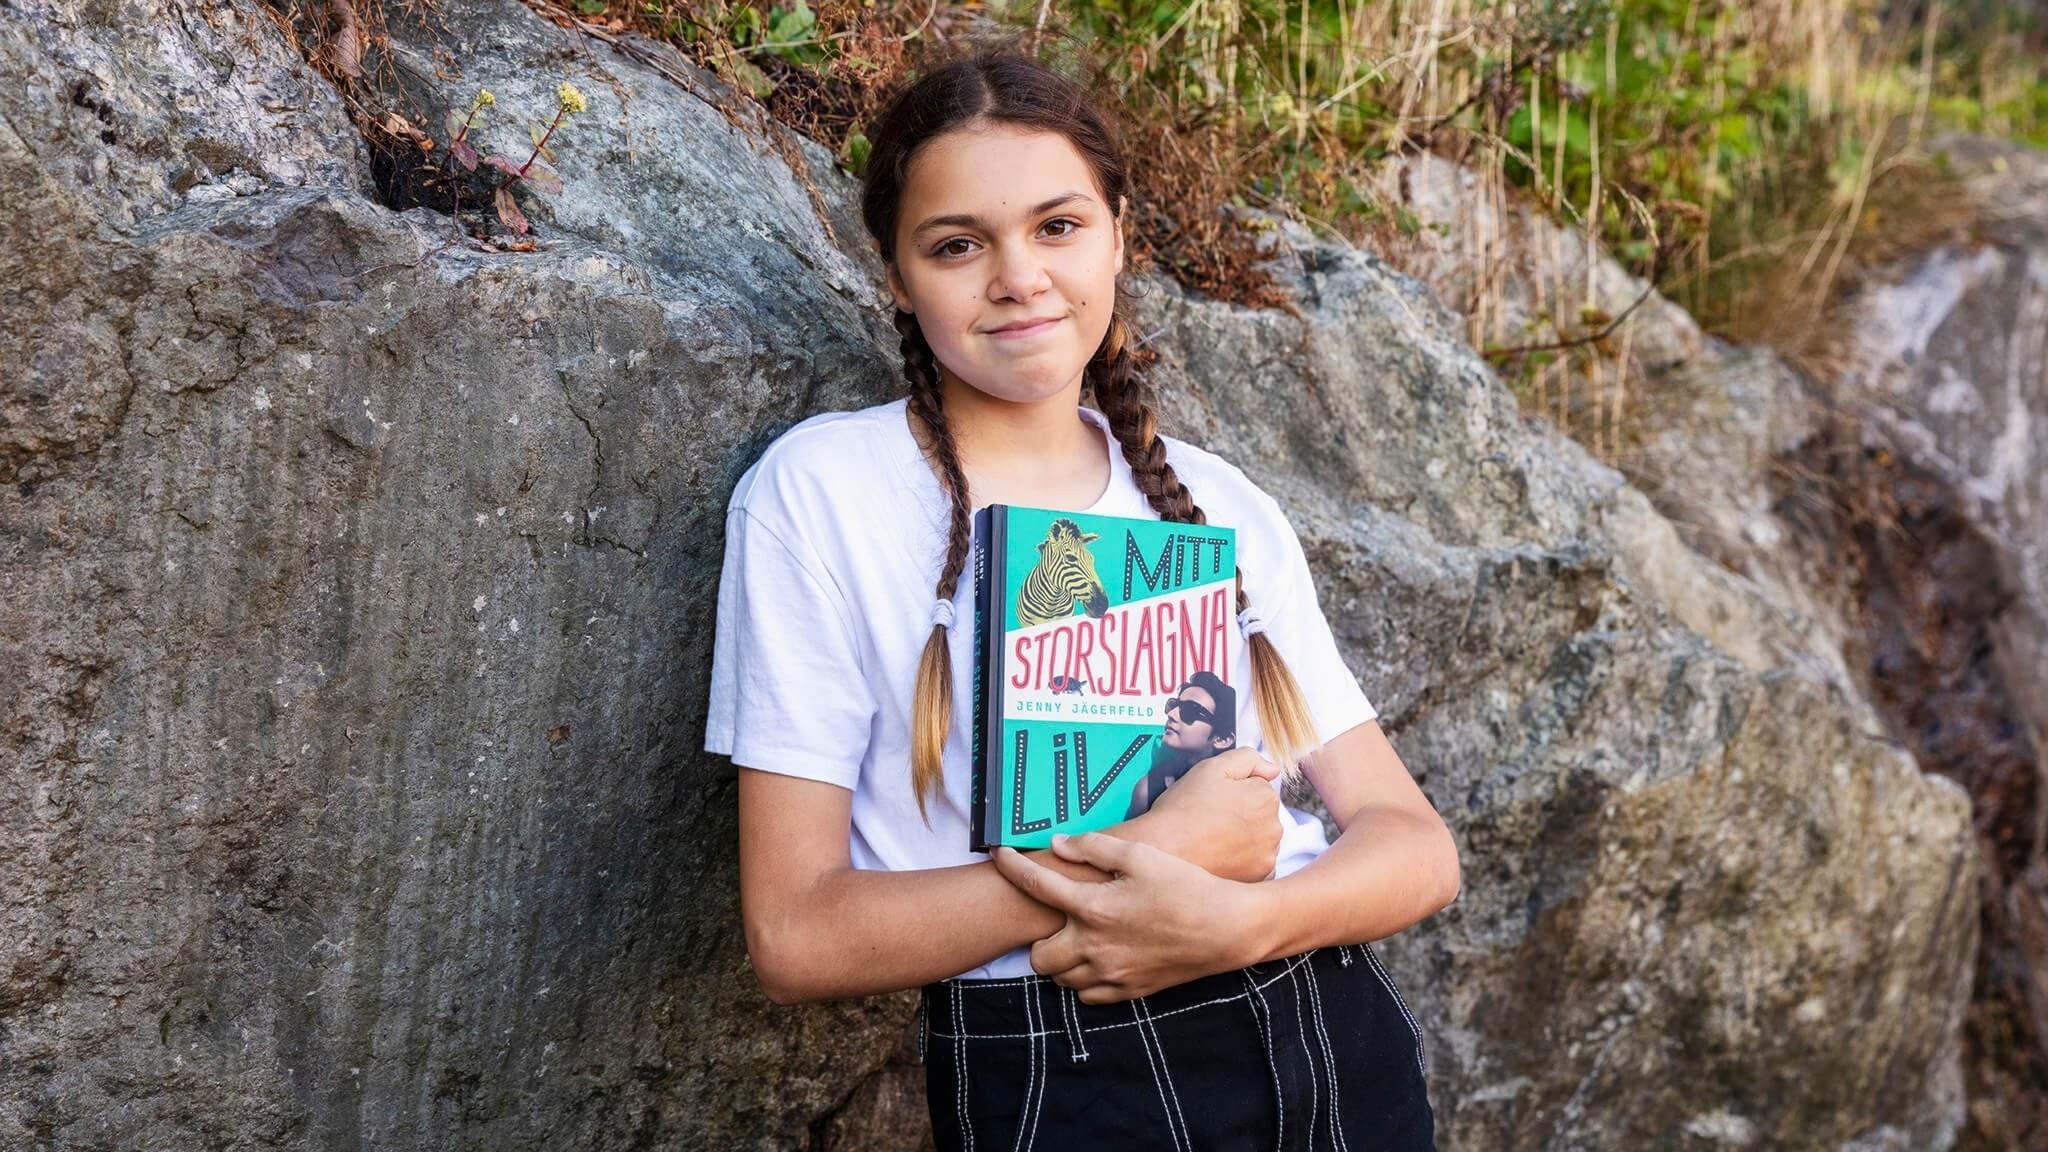 Jurymedlemmen Anna-Inez Aleite håller i boken Mitt storslagna liv av Jenny Jägerfeld.